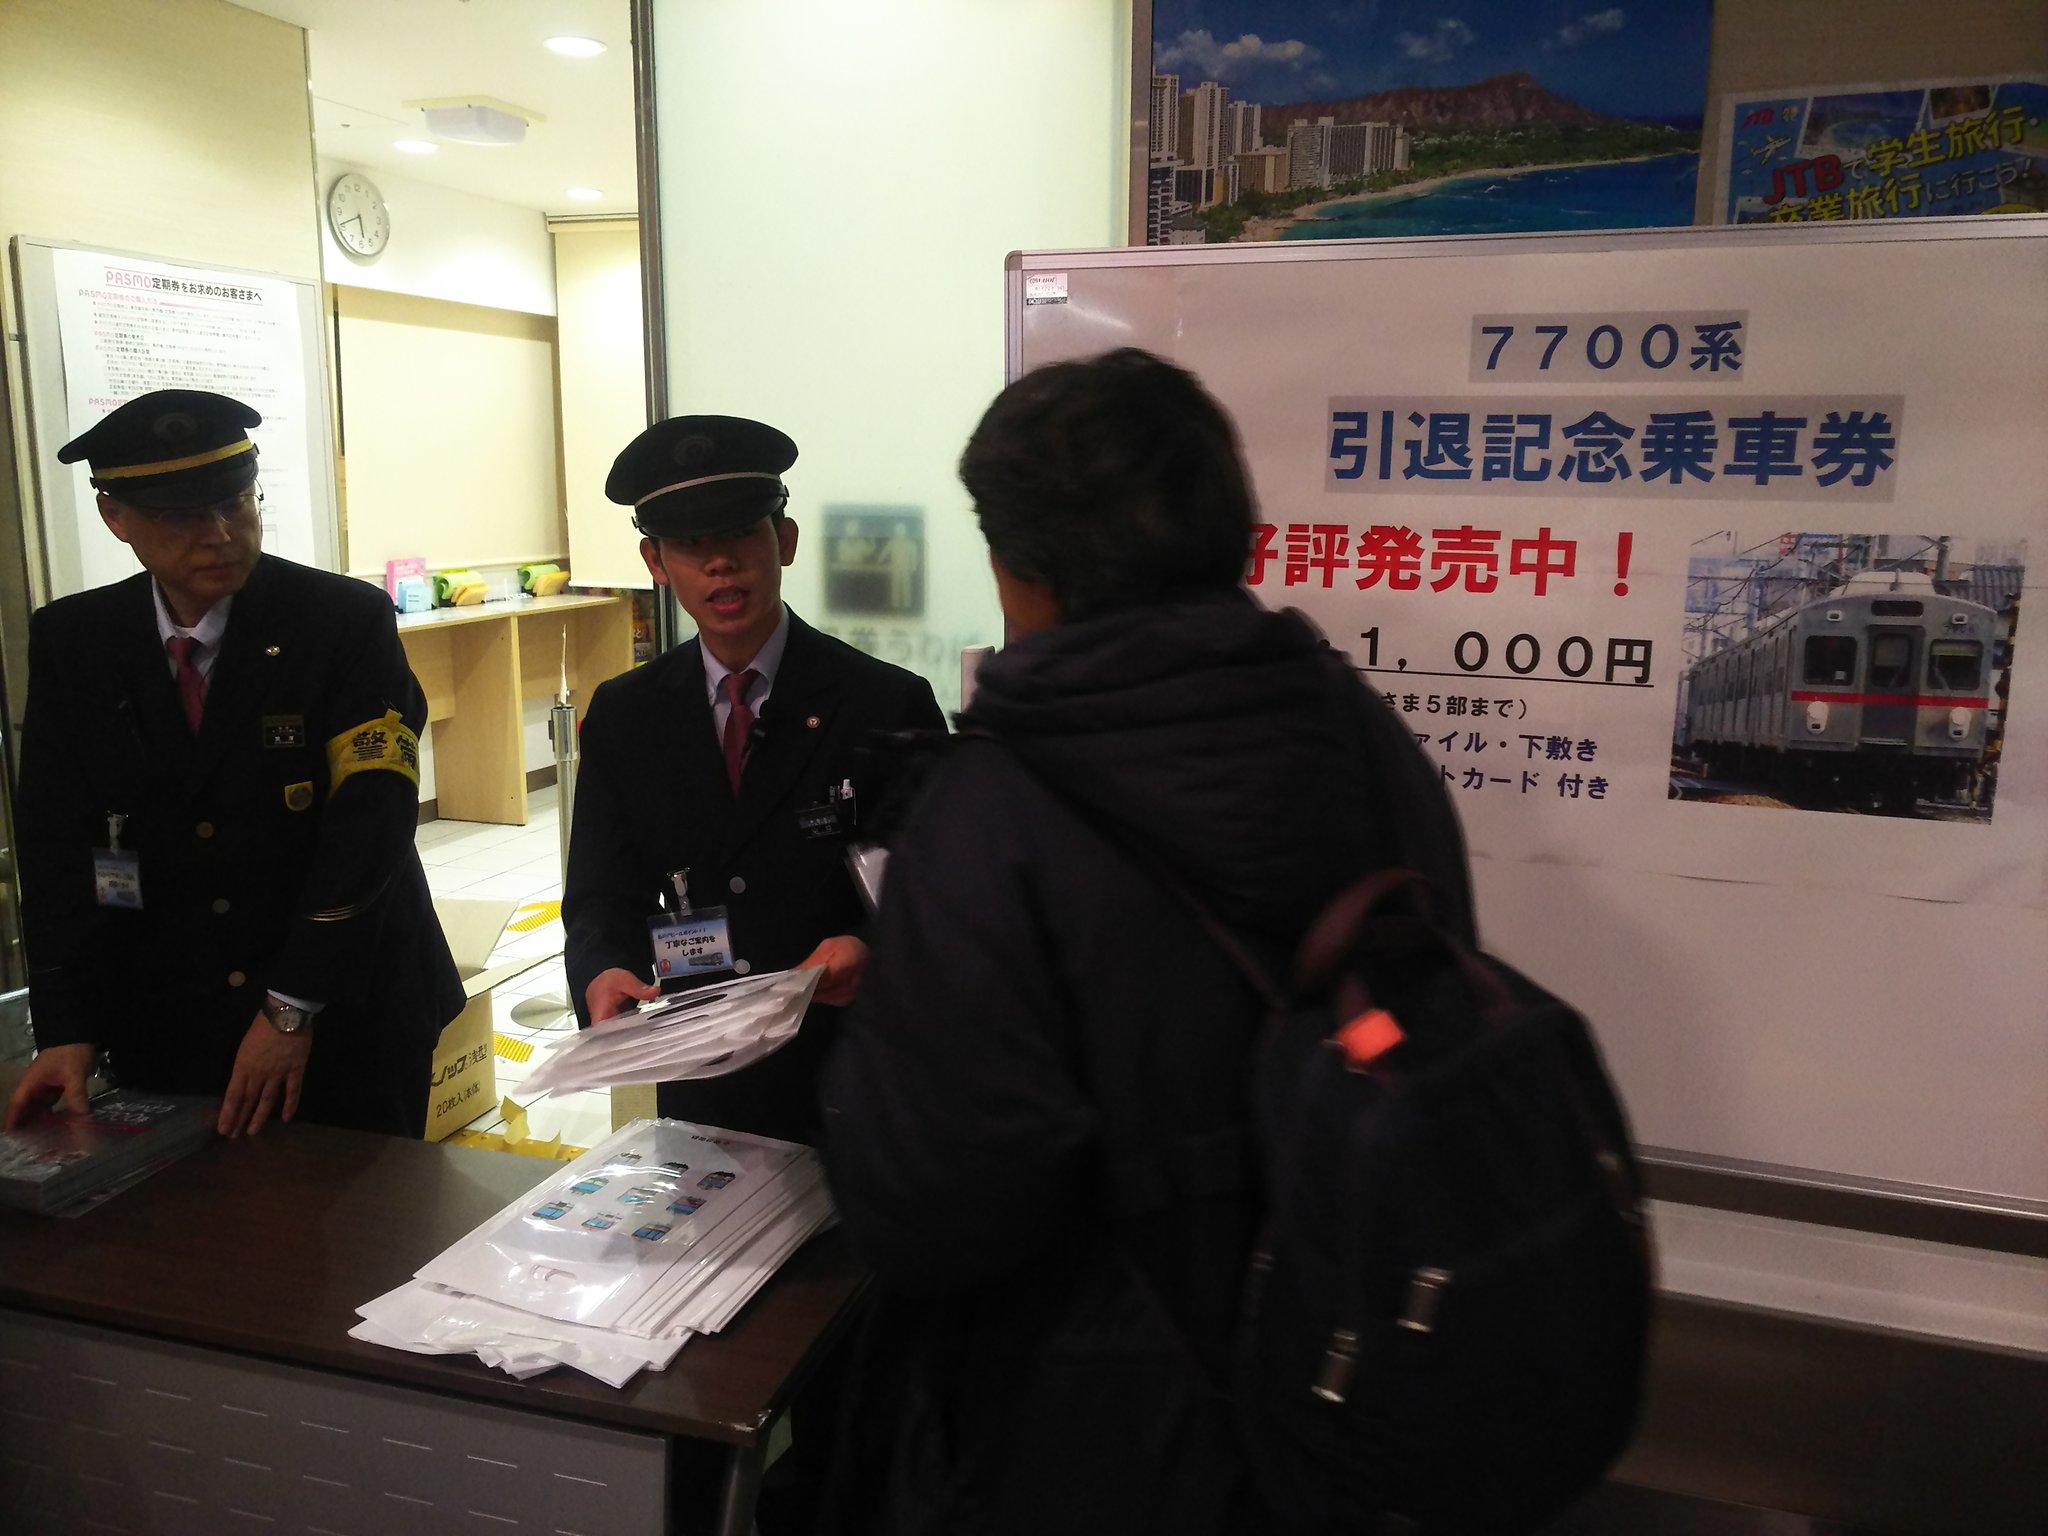 画像,んで、始発で東急7700系記念きっぷへ🐧💨いやー流石に眠いっすわ…😪 https://t.co/nRb4huwNYm。